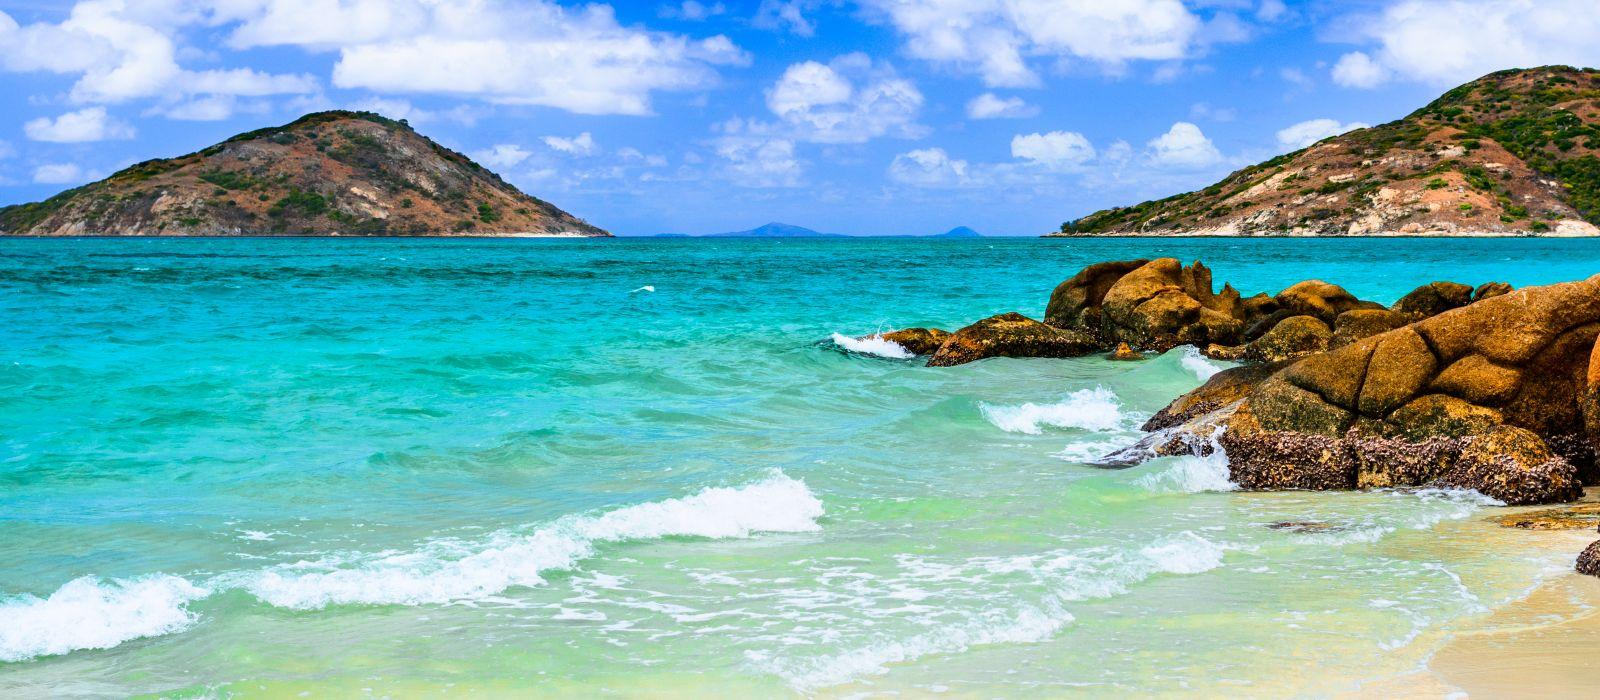 Australien Luxusreise: Natur, Kultur & paradiesische Inseln Urlaub 6